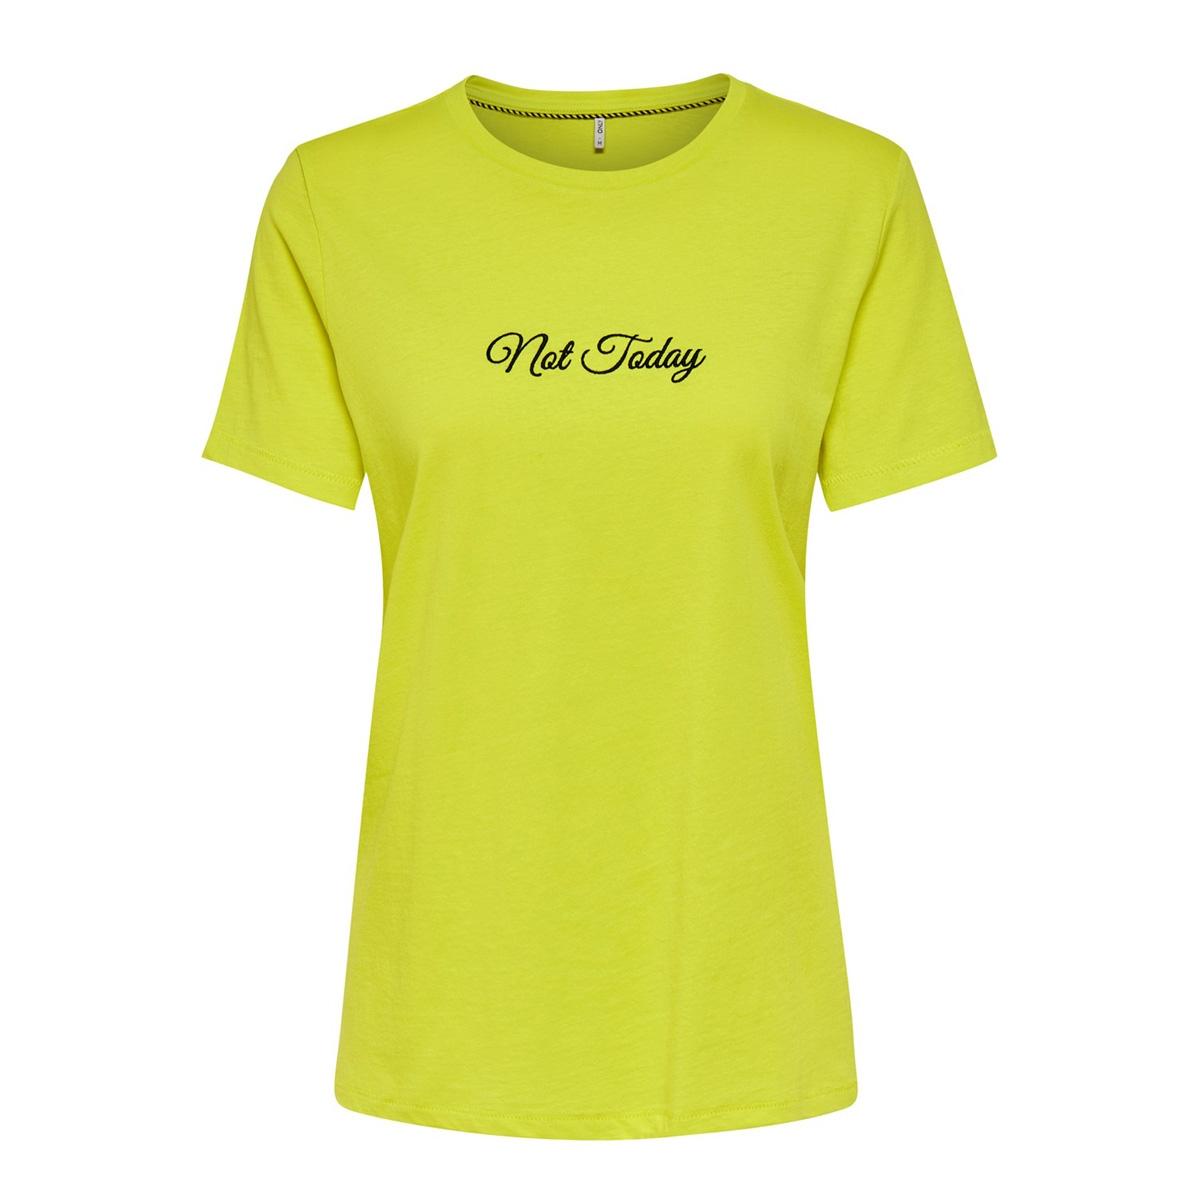 onlvinni reg s/s text top box co jr 15195773 only t-shirt limeade/not today